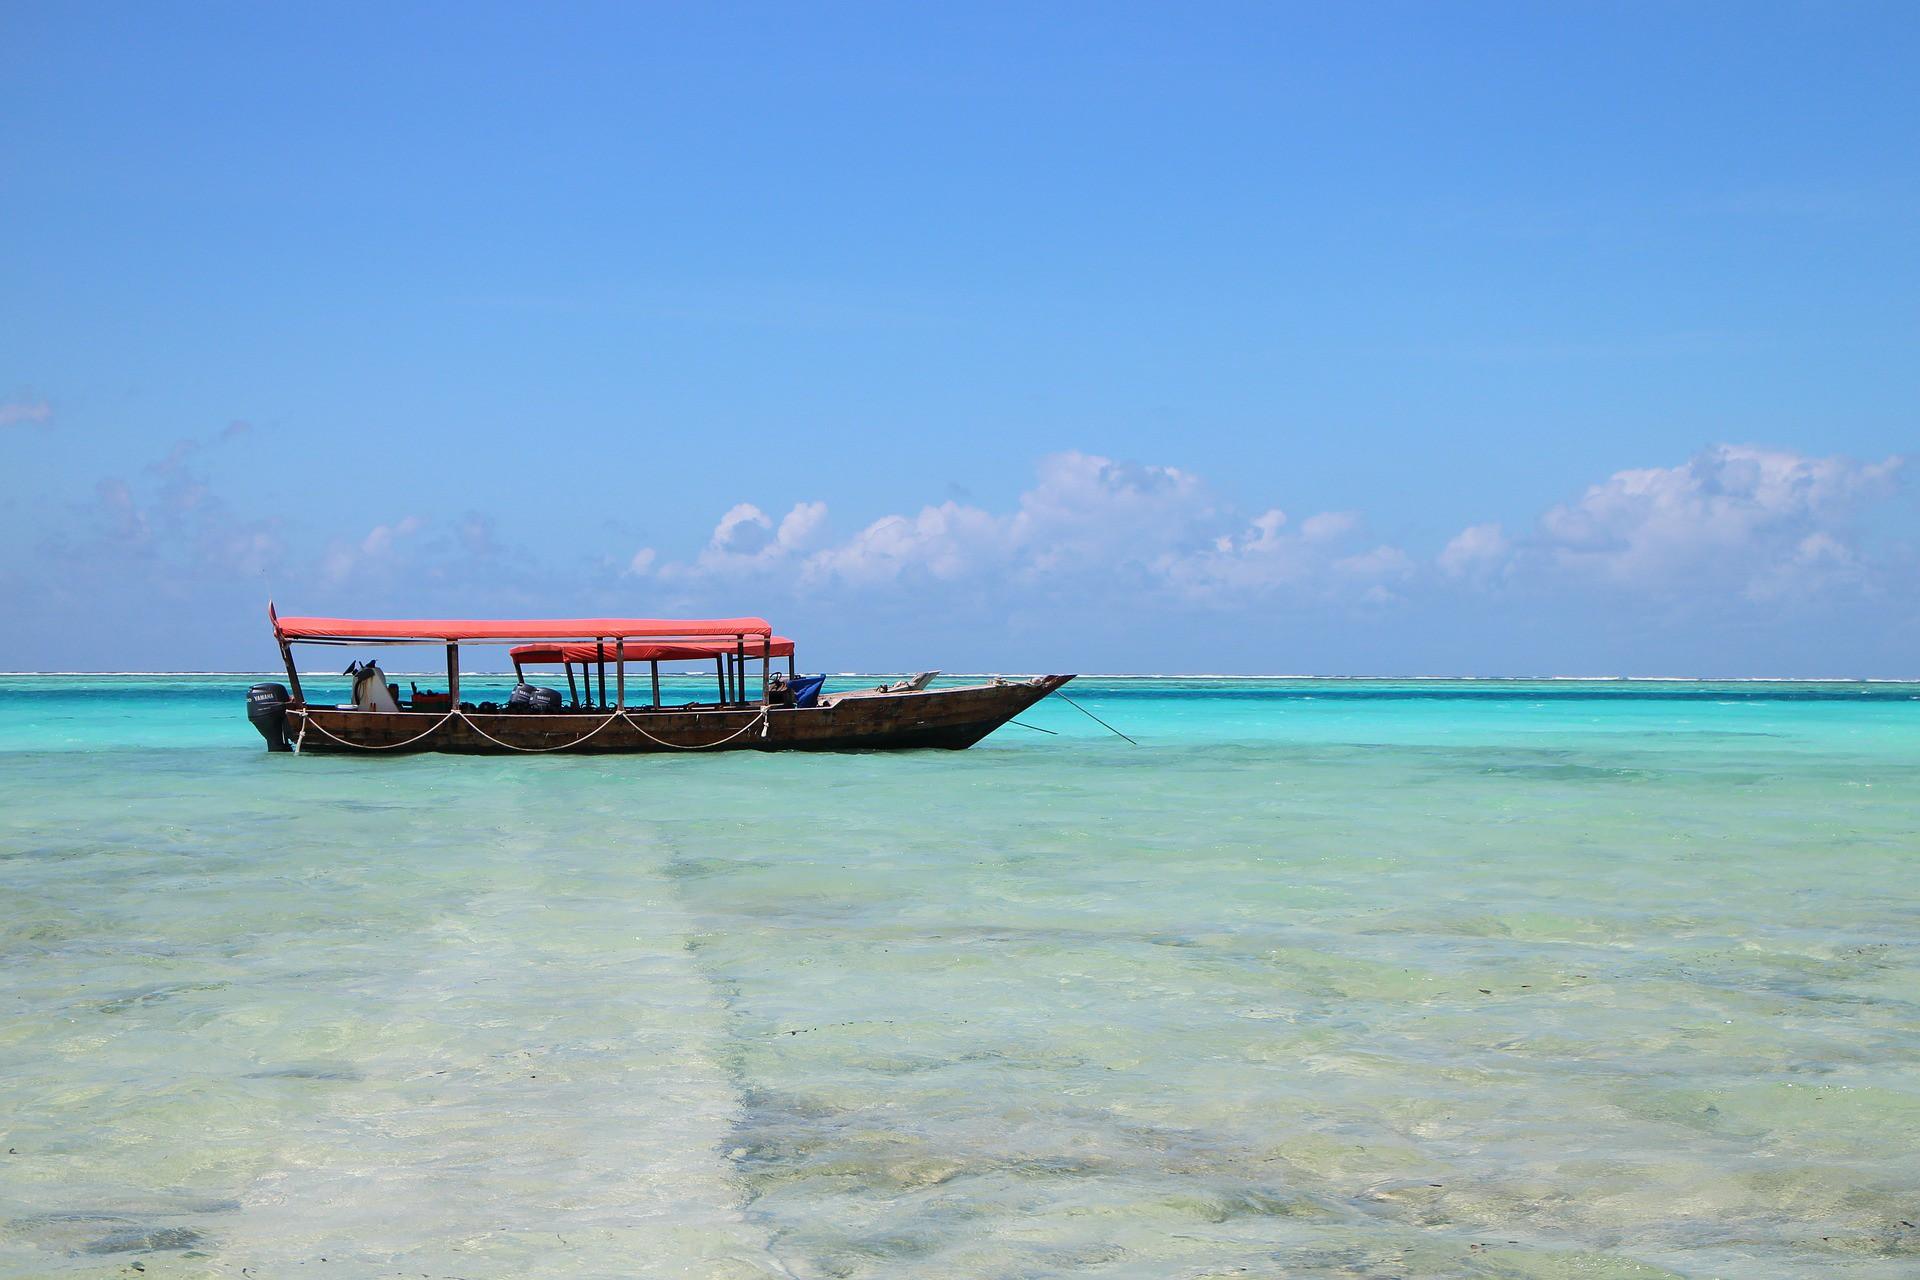 Tanzania, Zanzibar Island: description, attractions and interesting facts 58